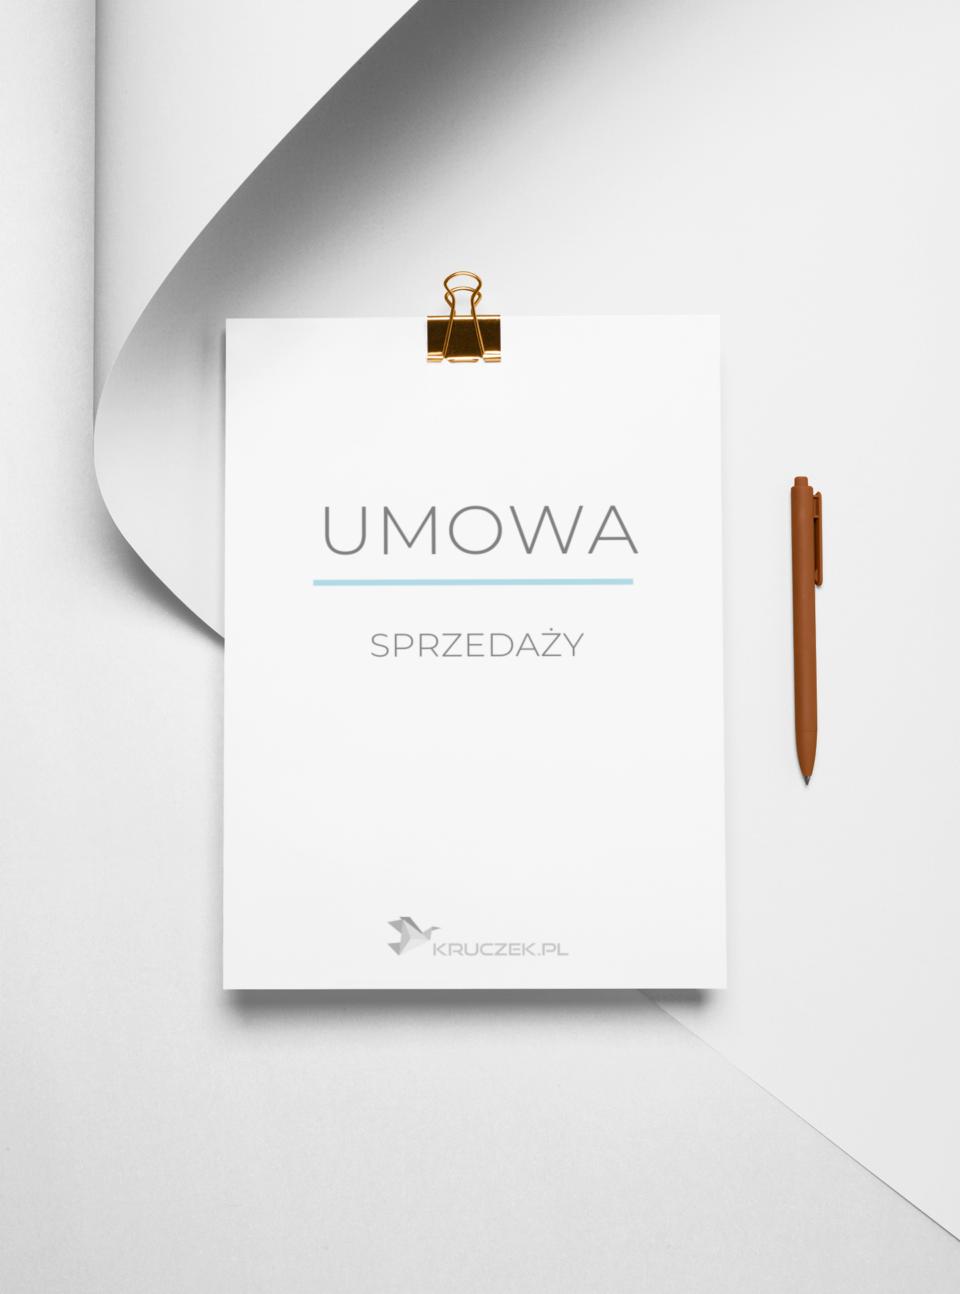 umowa sprzedaży - wzór stworzony przez prawnika Kruczek.pl